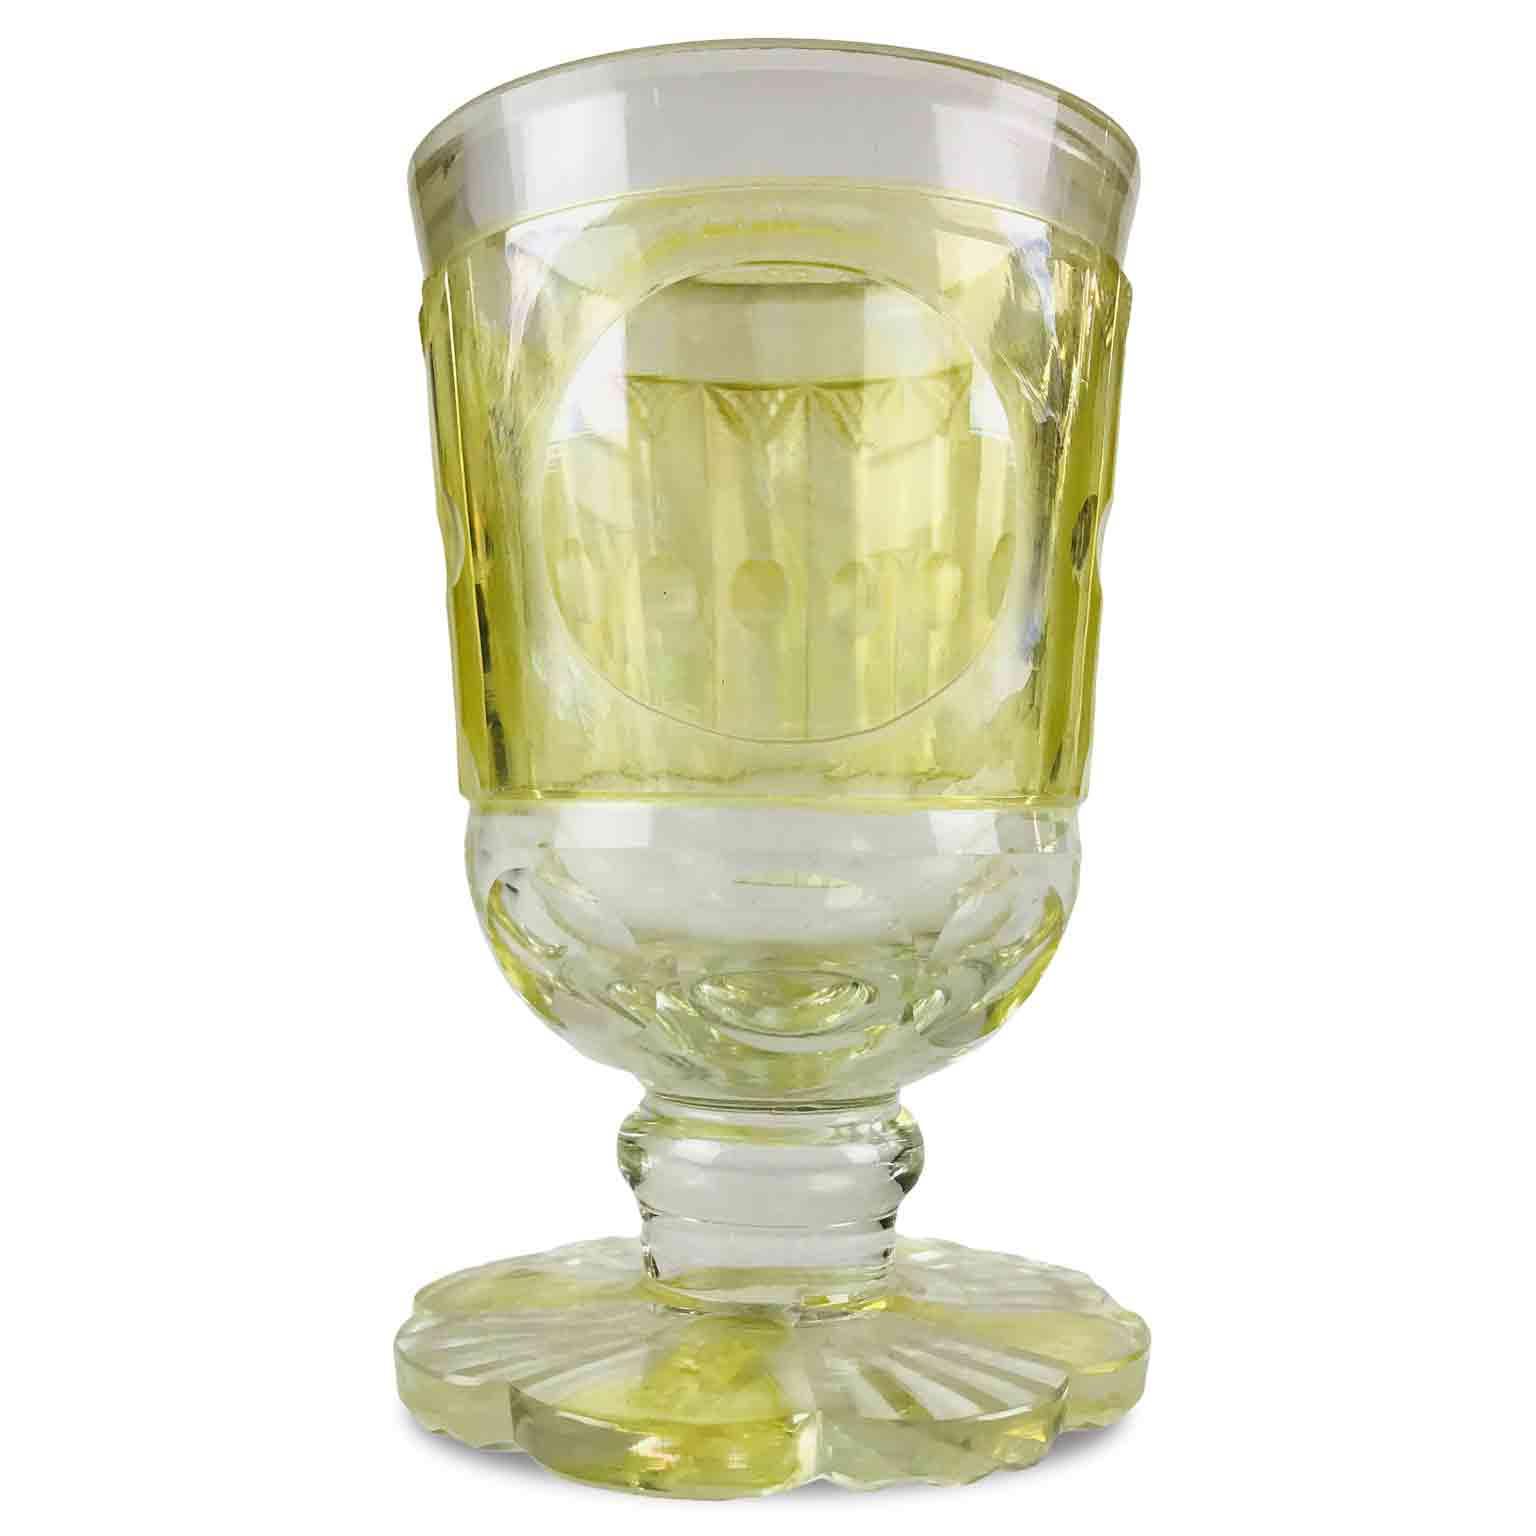 Bicchiere-Antico-all'Ossido-di-Uranio-